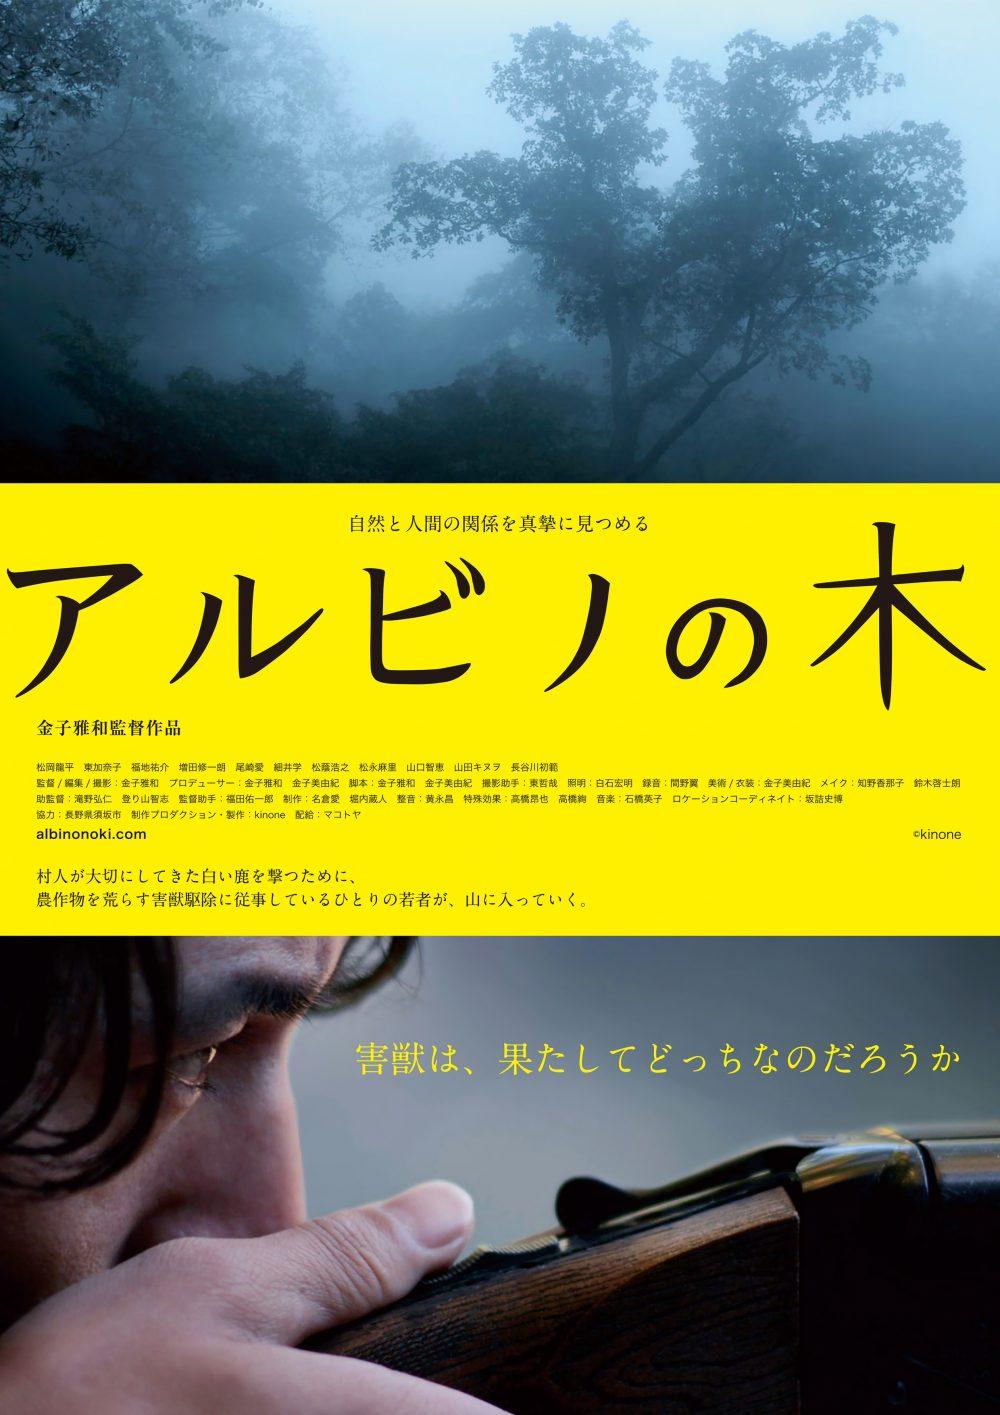 【画像】映画『アルビノの木』ポスタービジュアル